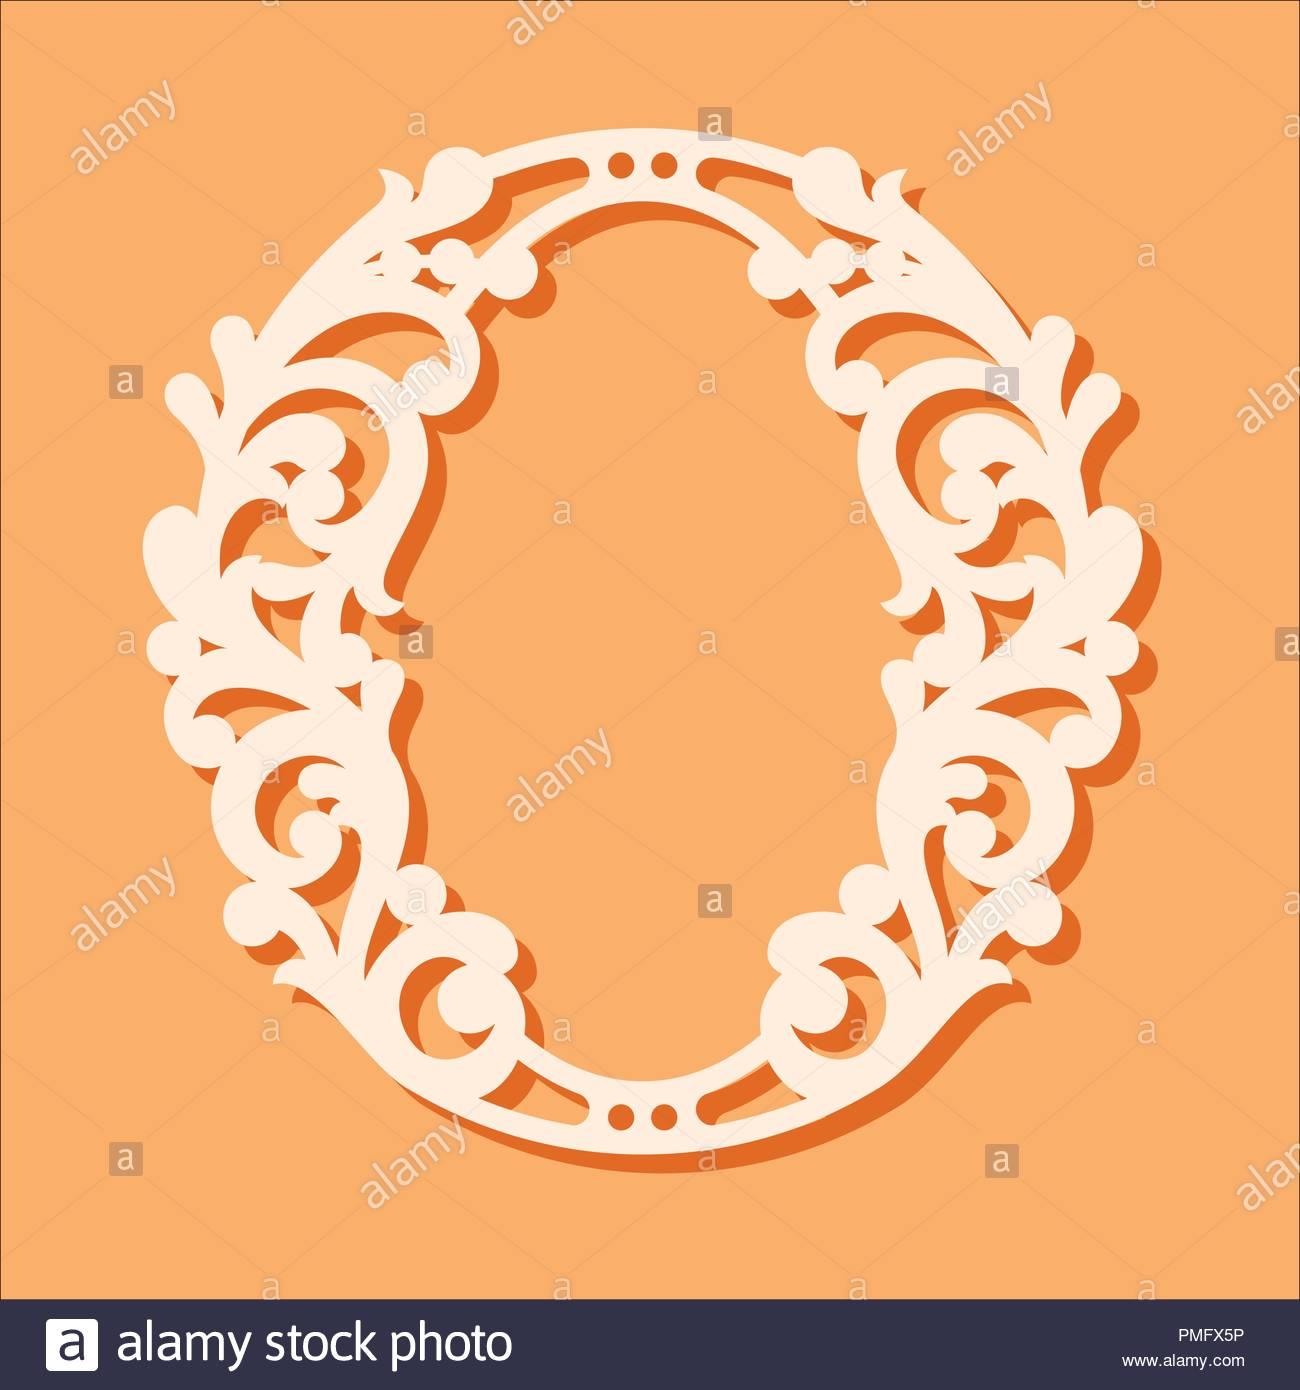 laser cut template. initial monogram letters. fancy floral alphabet